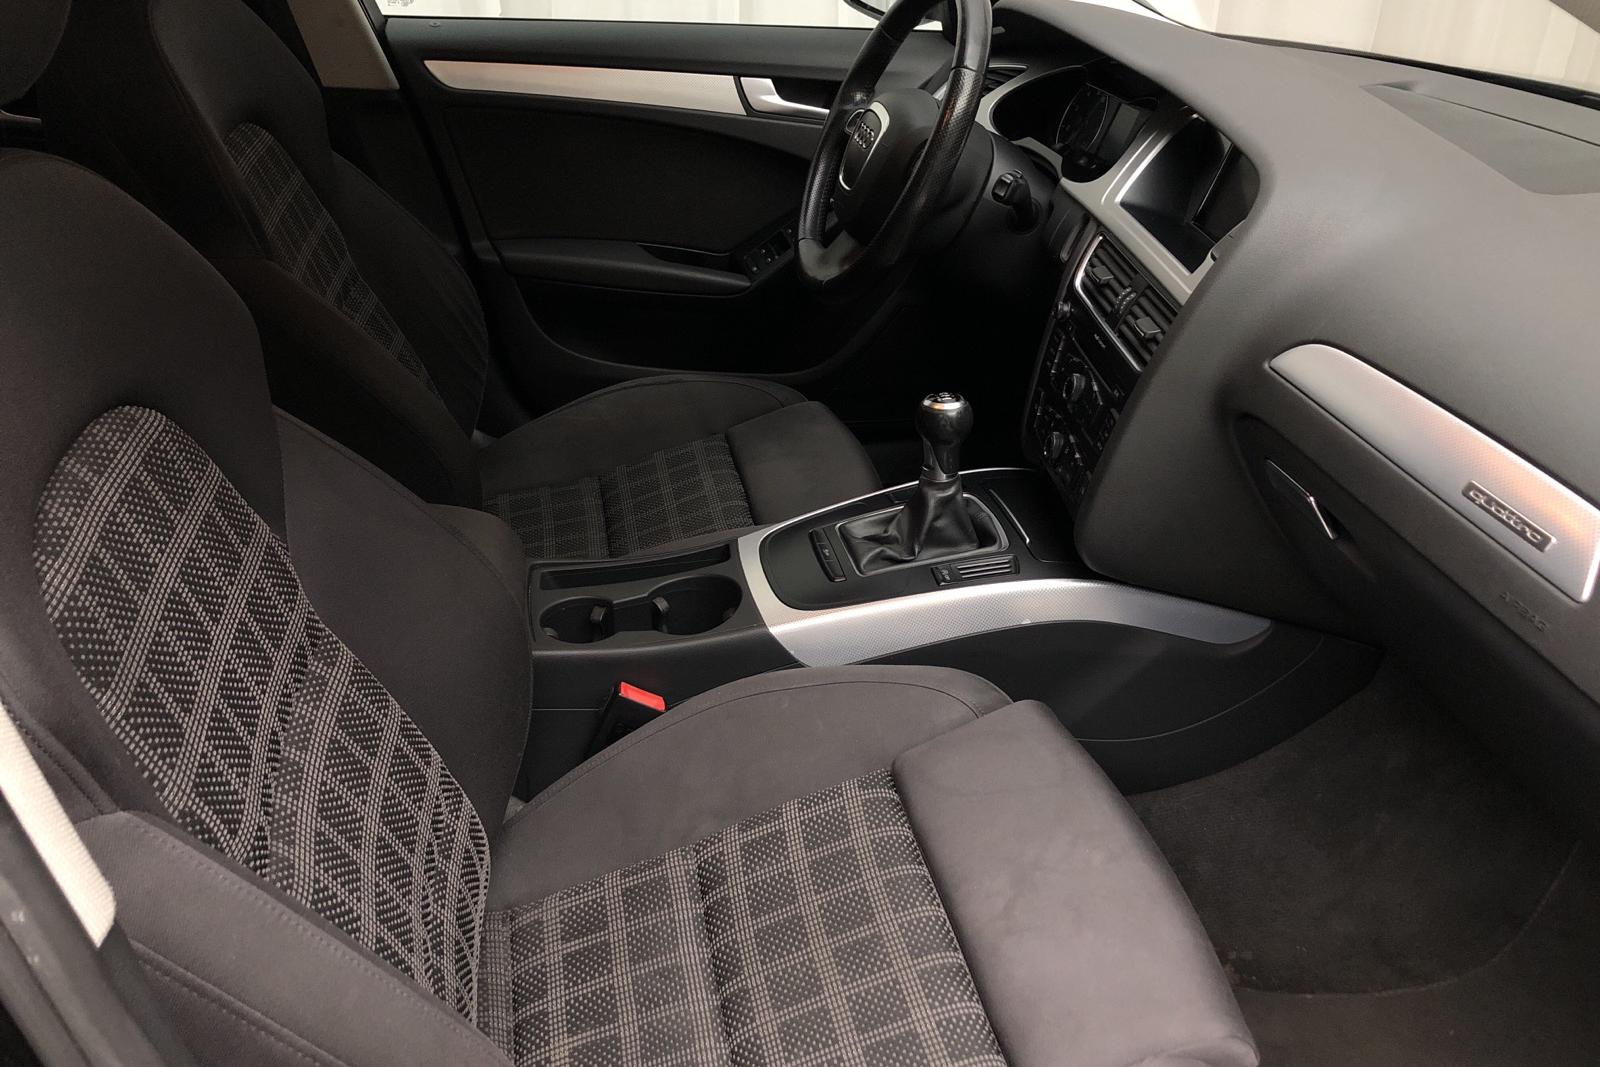 Audi A4 2.0 TFSI E85 Avant quattro (180hk) - 198 000 km - Manual - black - 2011